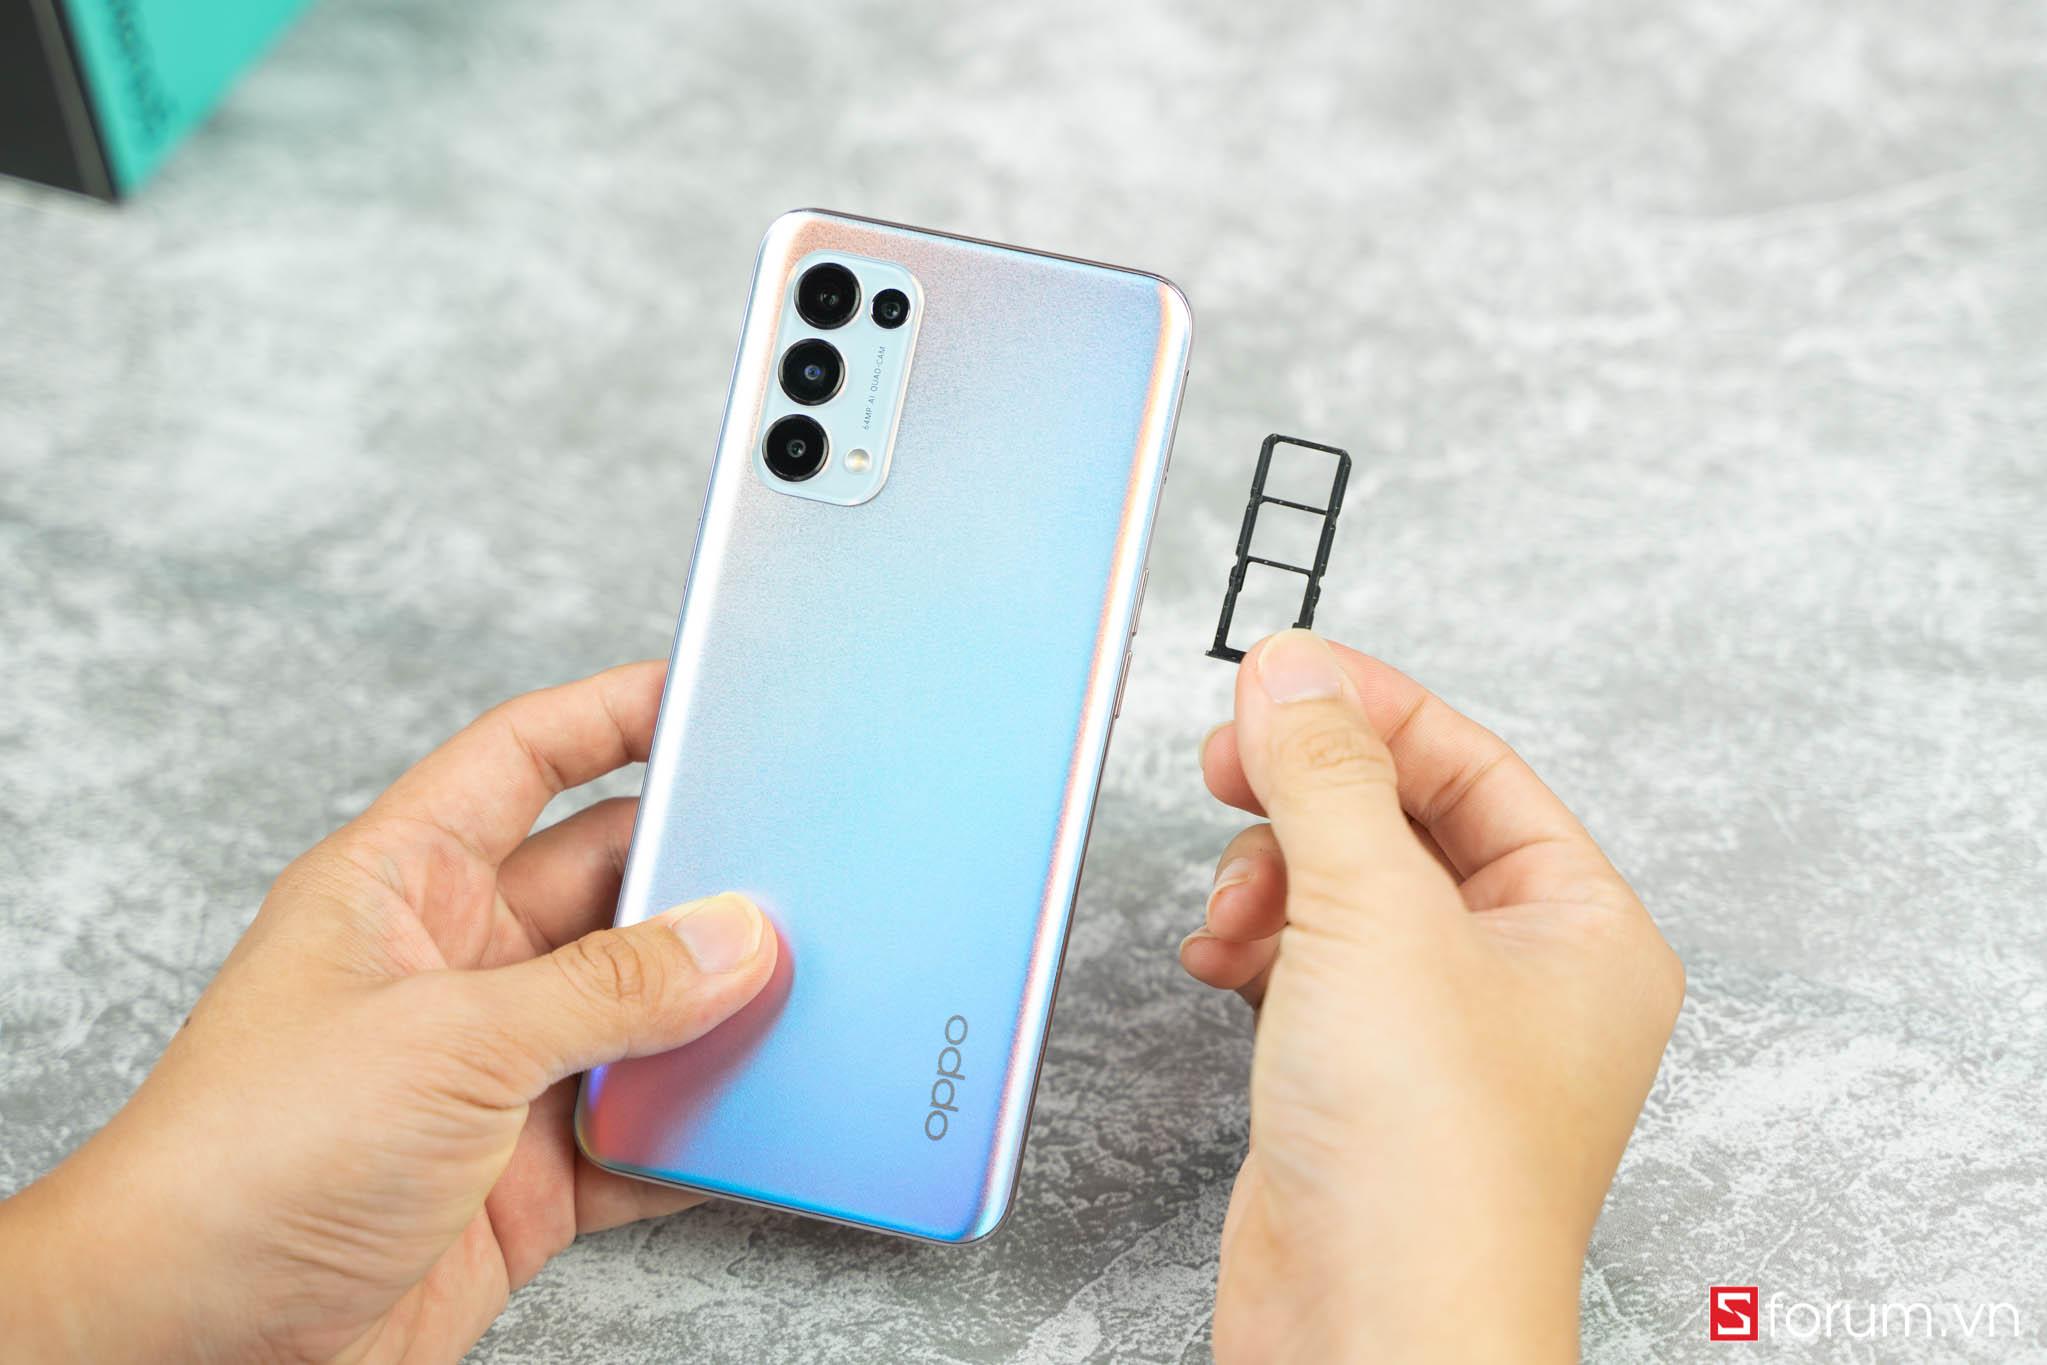 Sforum - Trang thông tin công nghệ mới nhất OPPO-reno-5-tren-tay-1-1 OPPO Reno5 về nhiều hàng tại CellphoneS, ngày cuối để đặt trước nhận ngay quà tặng hấp dẫn!!!